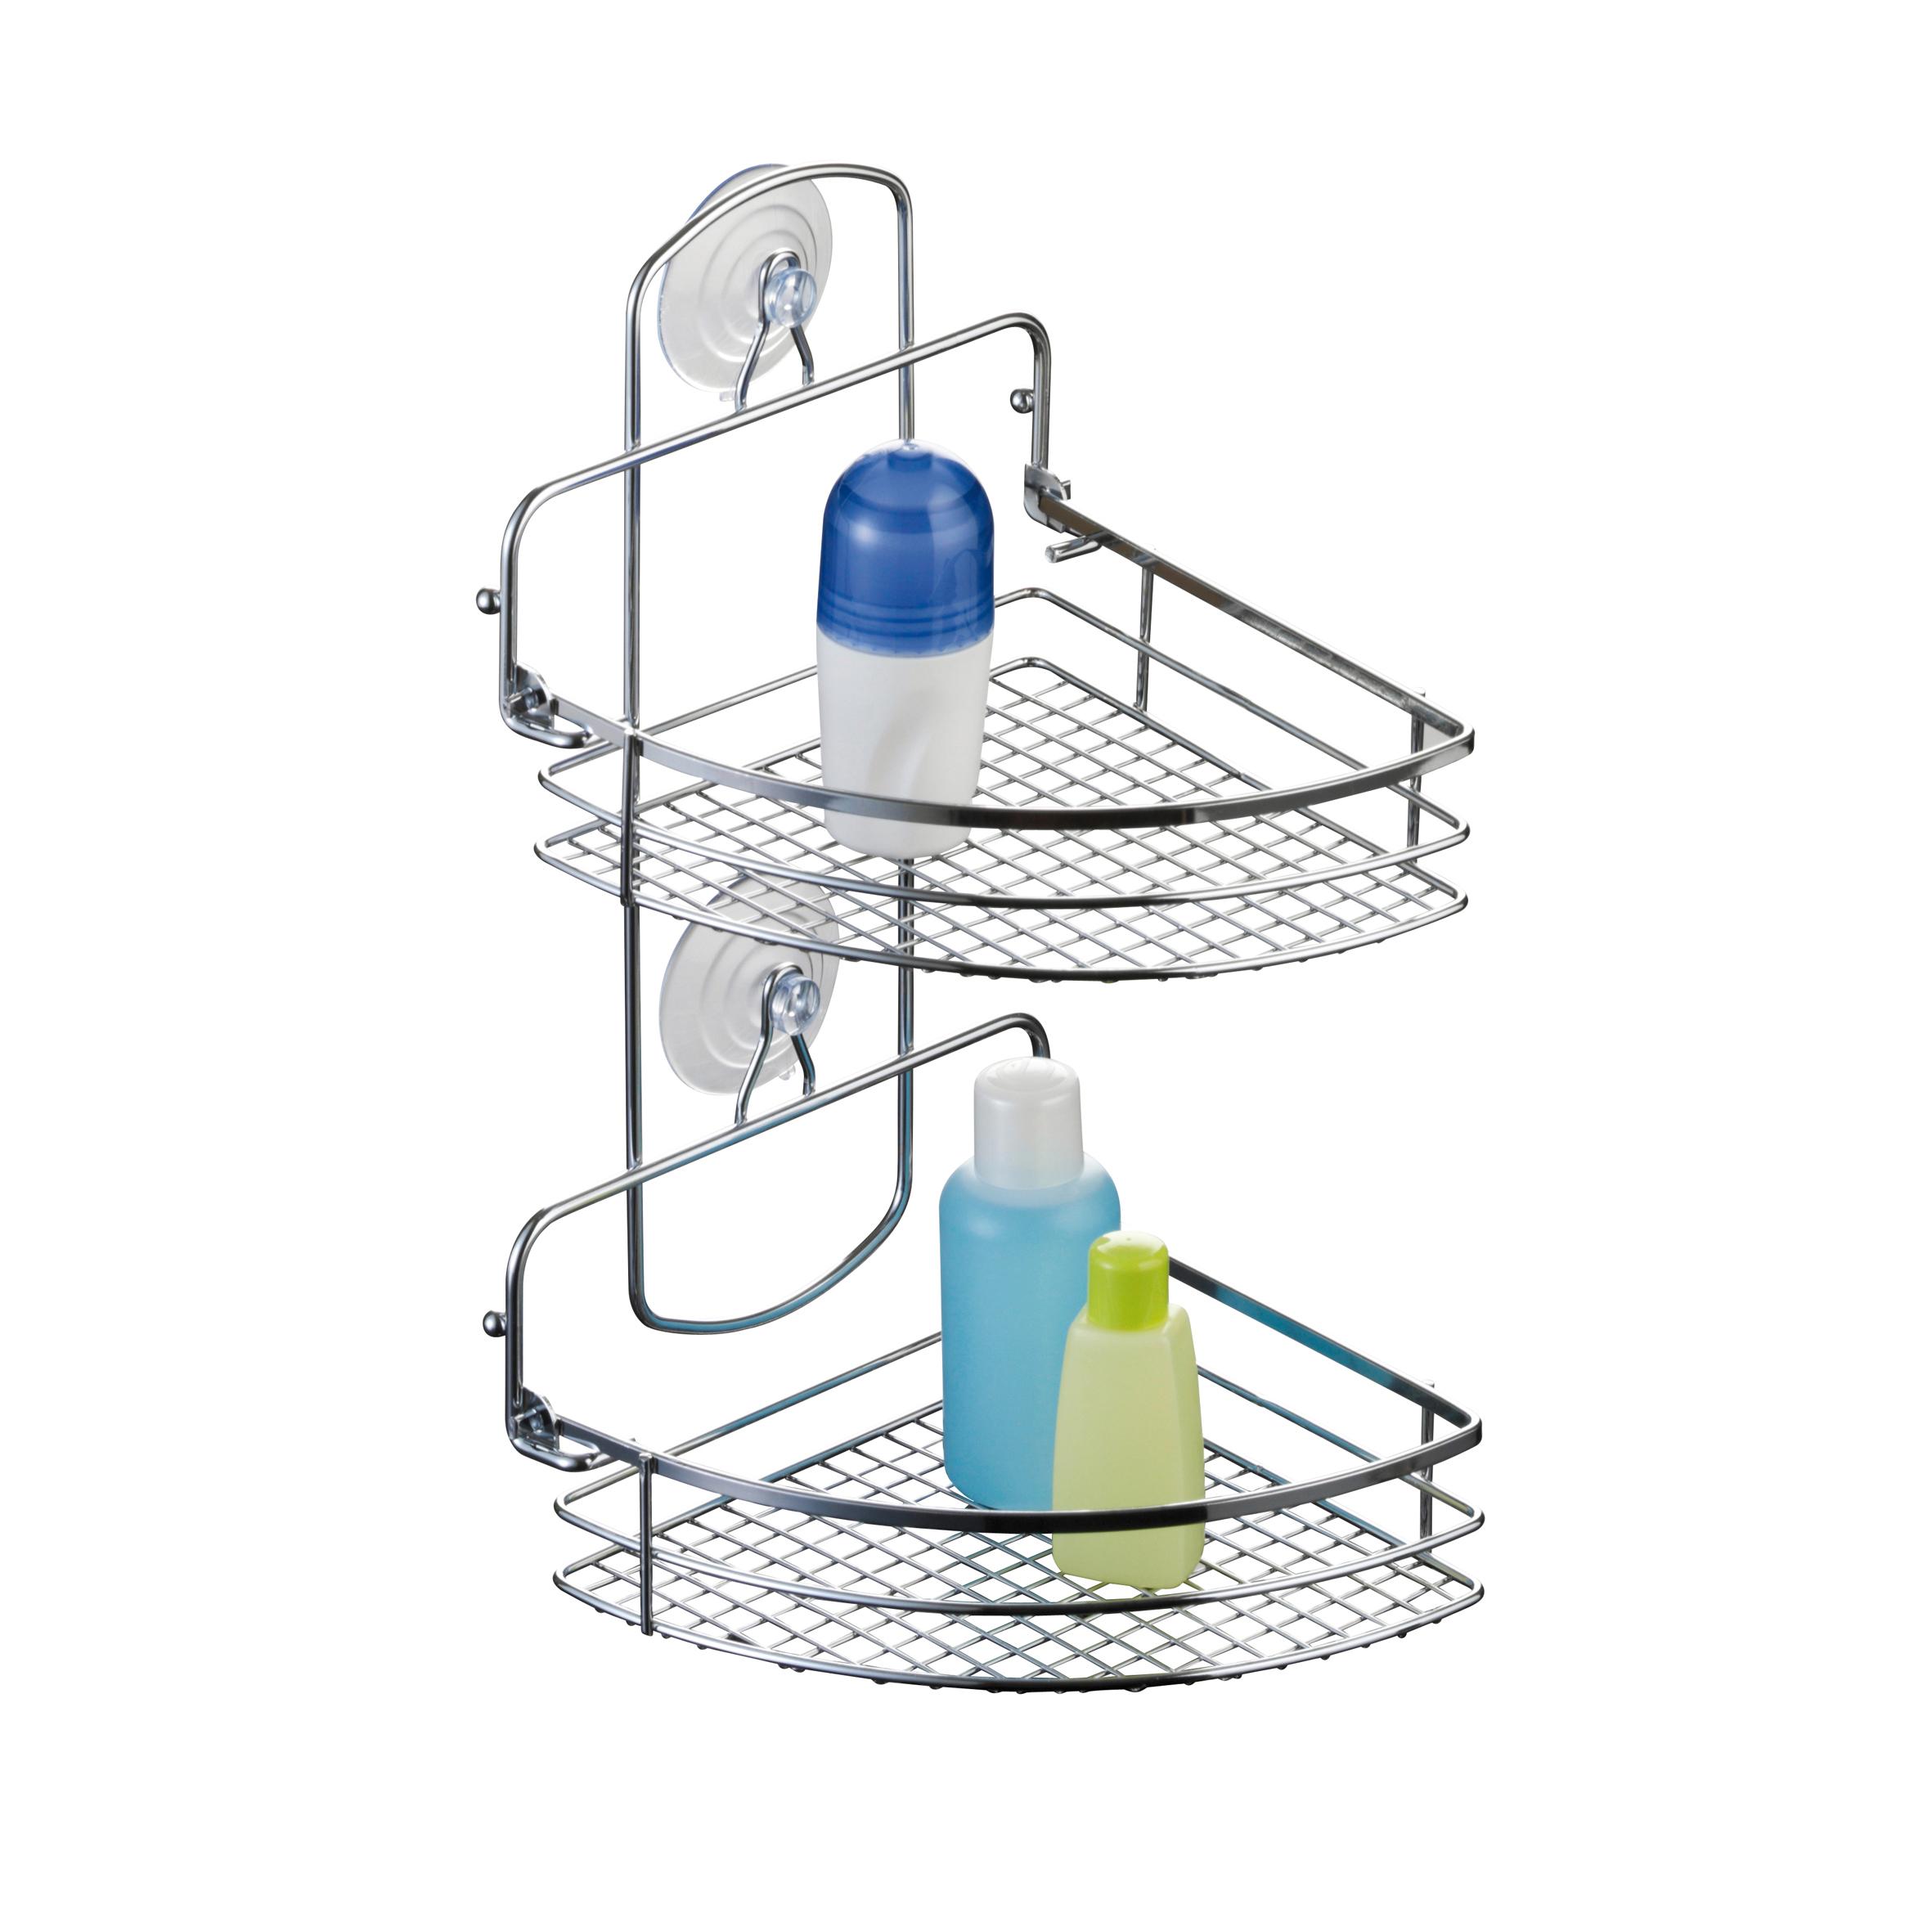 Полка для ванной Axentia Cassandra, угловая, двухъярусная, 20 х 27 х 37 см280870Двухъярусная полка для ванной Axentia Cassandra изготовлена из стали с качественным хромированным покрытием, которое на долго защитит изделие от ржавчины в условиях высокой влажности в ванной комнате. Изделие имеет угловую конструкцию и два вида крепления: на присосках или на шурупах (входят в комплект). Классический дизайн и оптимальная вместимость подойдет для любого интерьера ванной комнаты или кухни. Размер полки: 29,5 х 11 х 46 см.